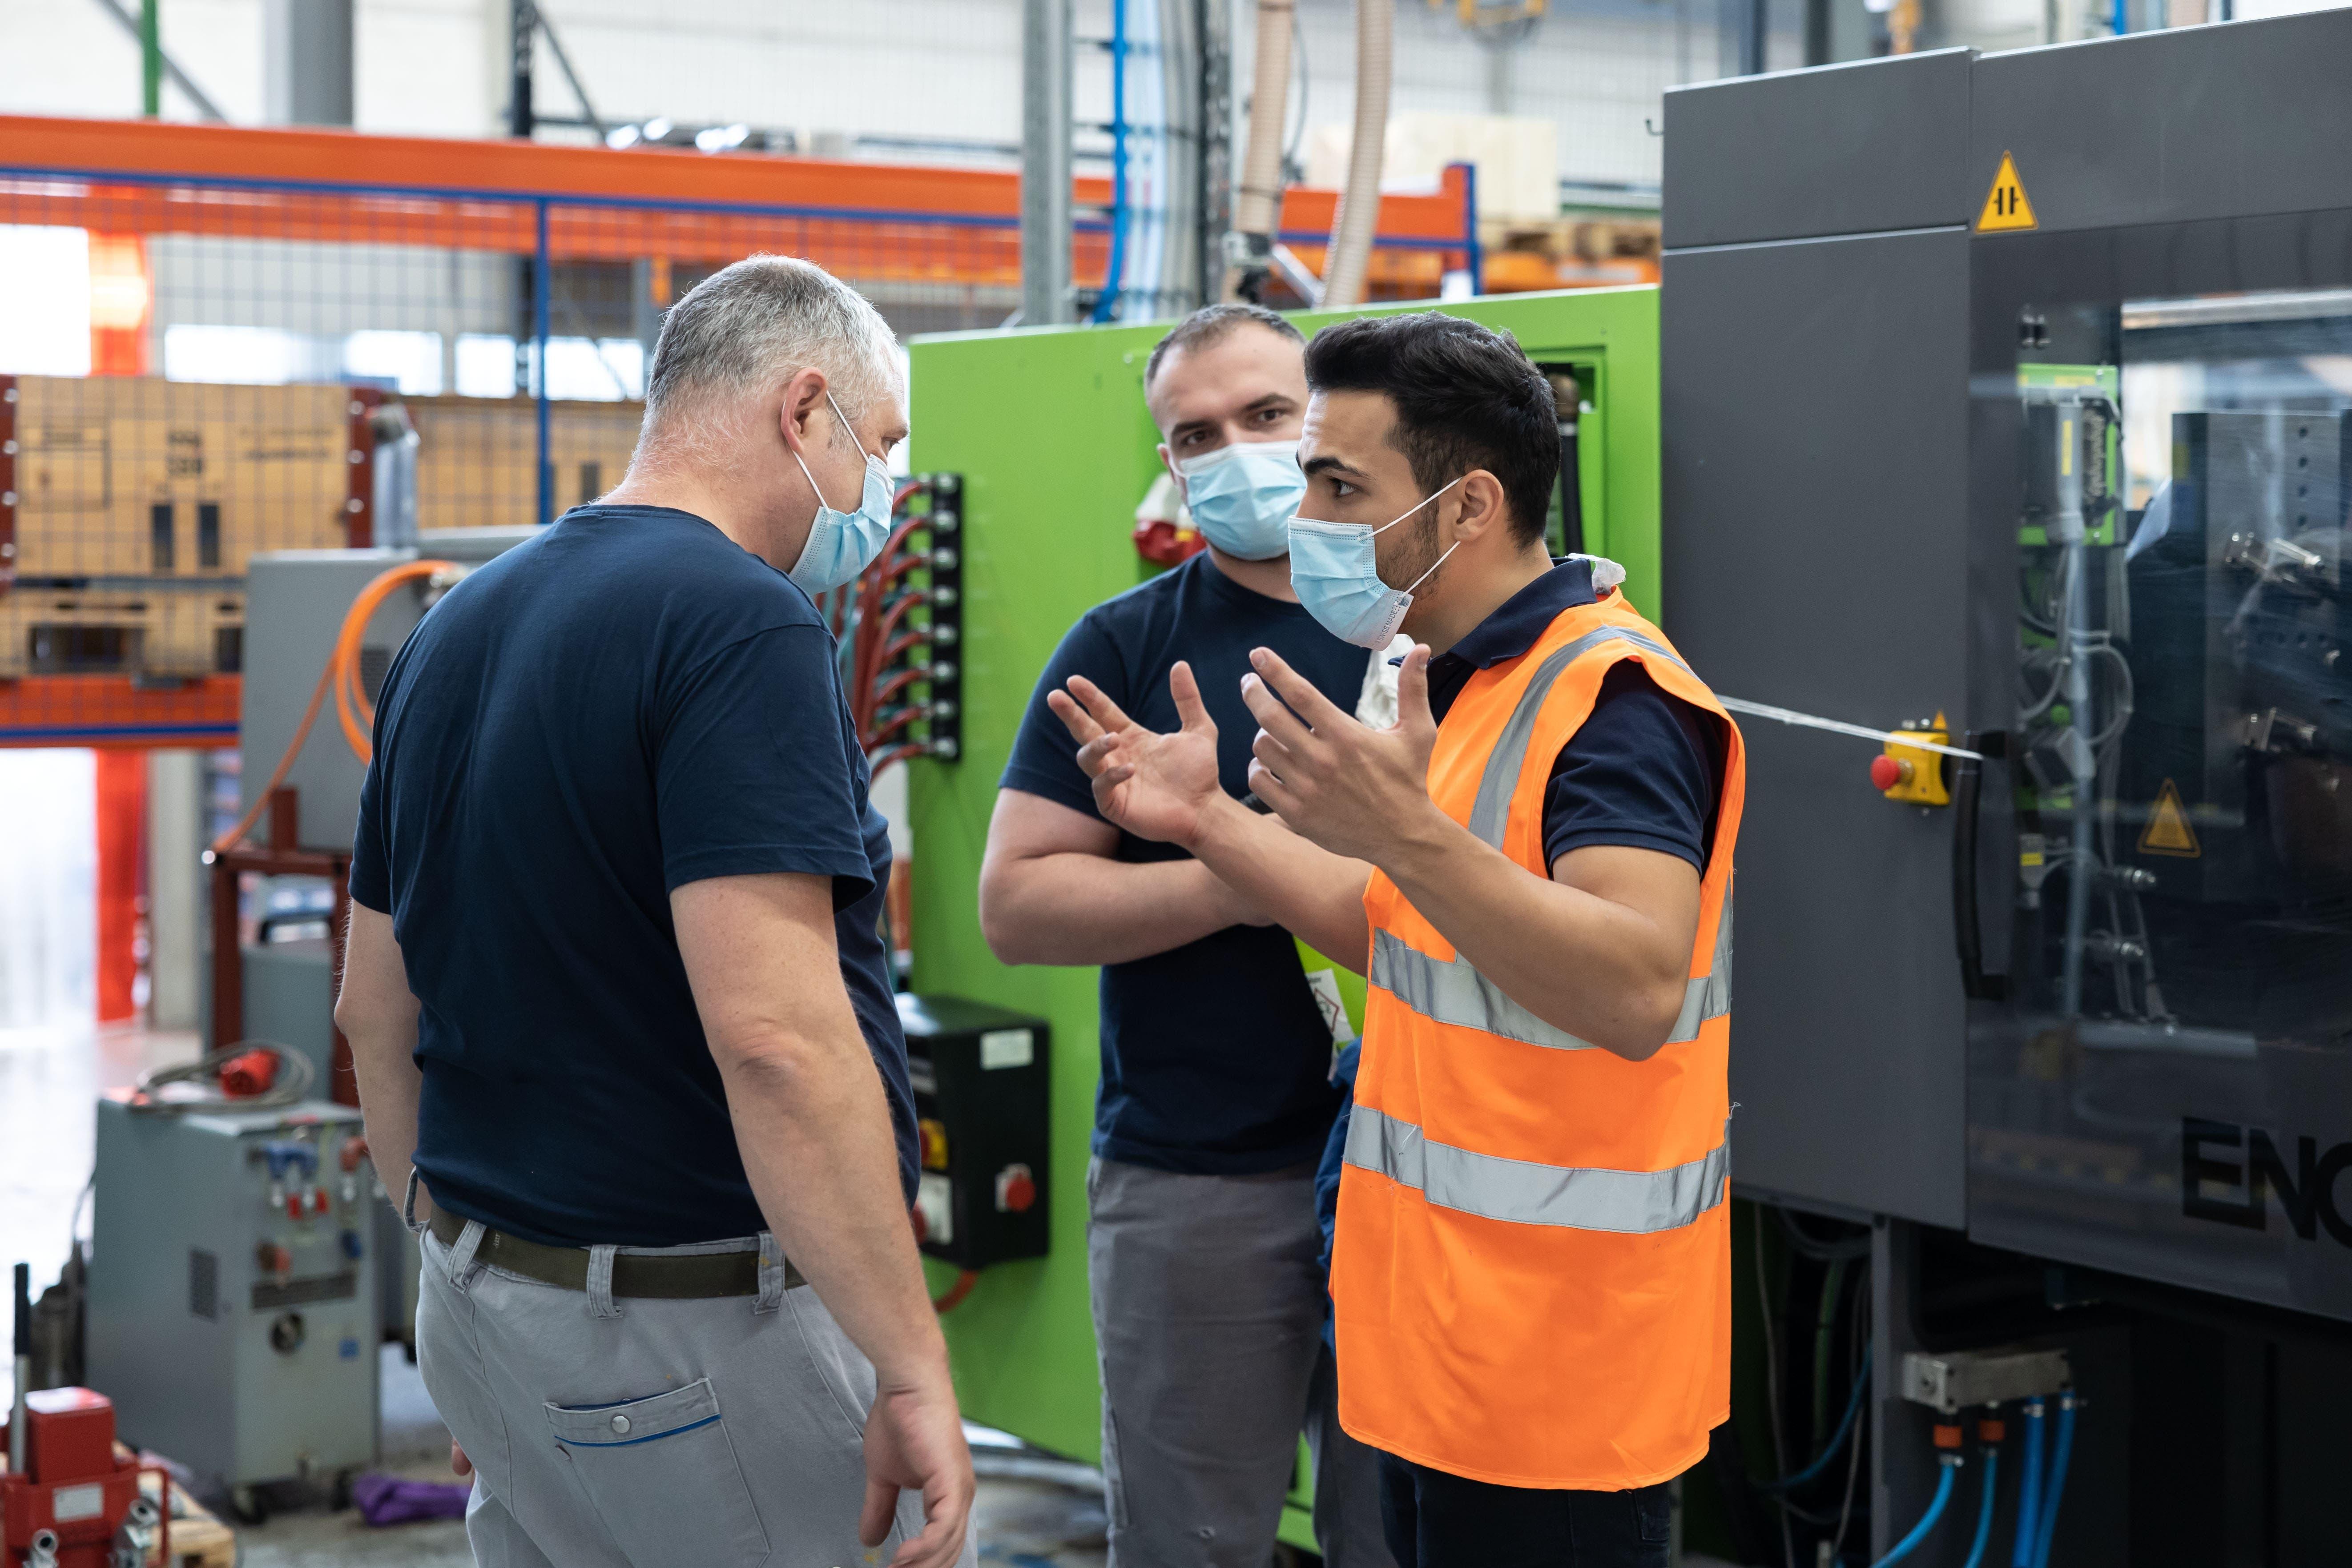 Anlässlich der IBLive wird eine Maschine von der Firma GF in Subingen nach Bellach in die Firma Fraisa transportiert. Vor dem Start wird alles genau besprochen.